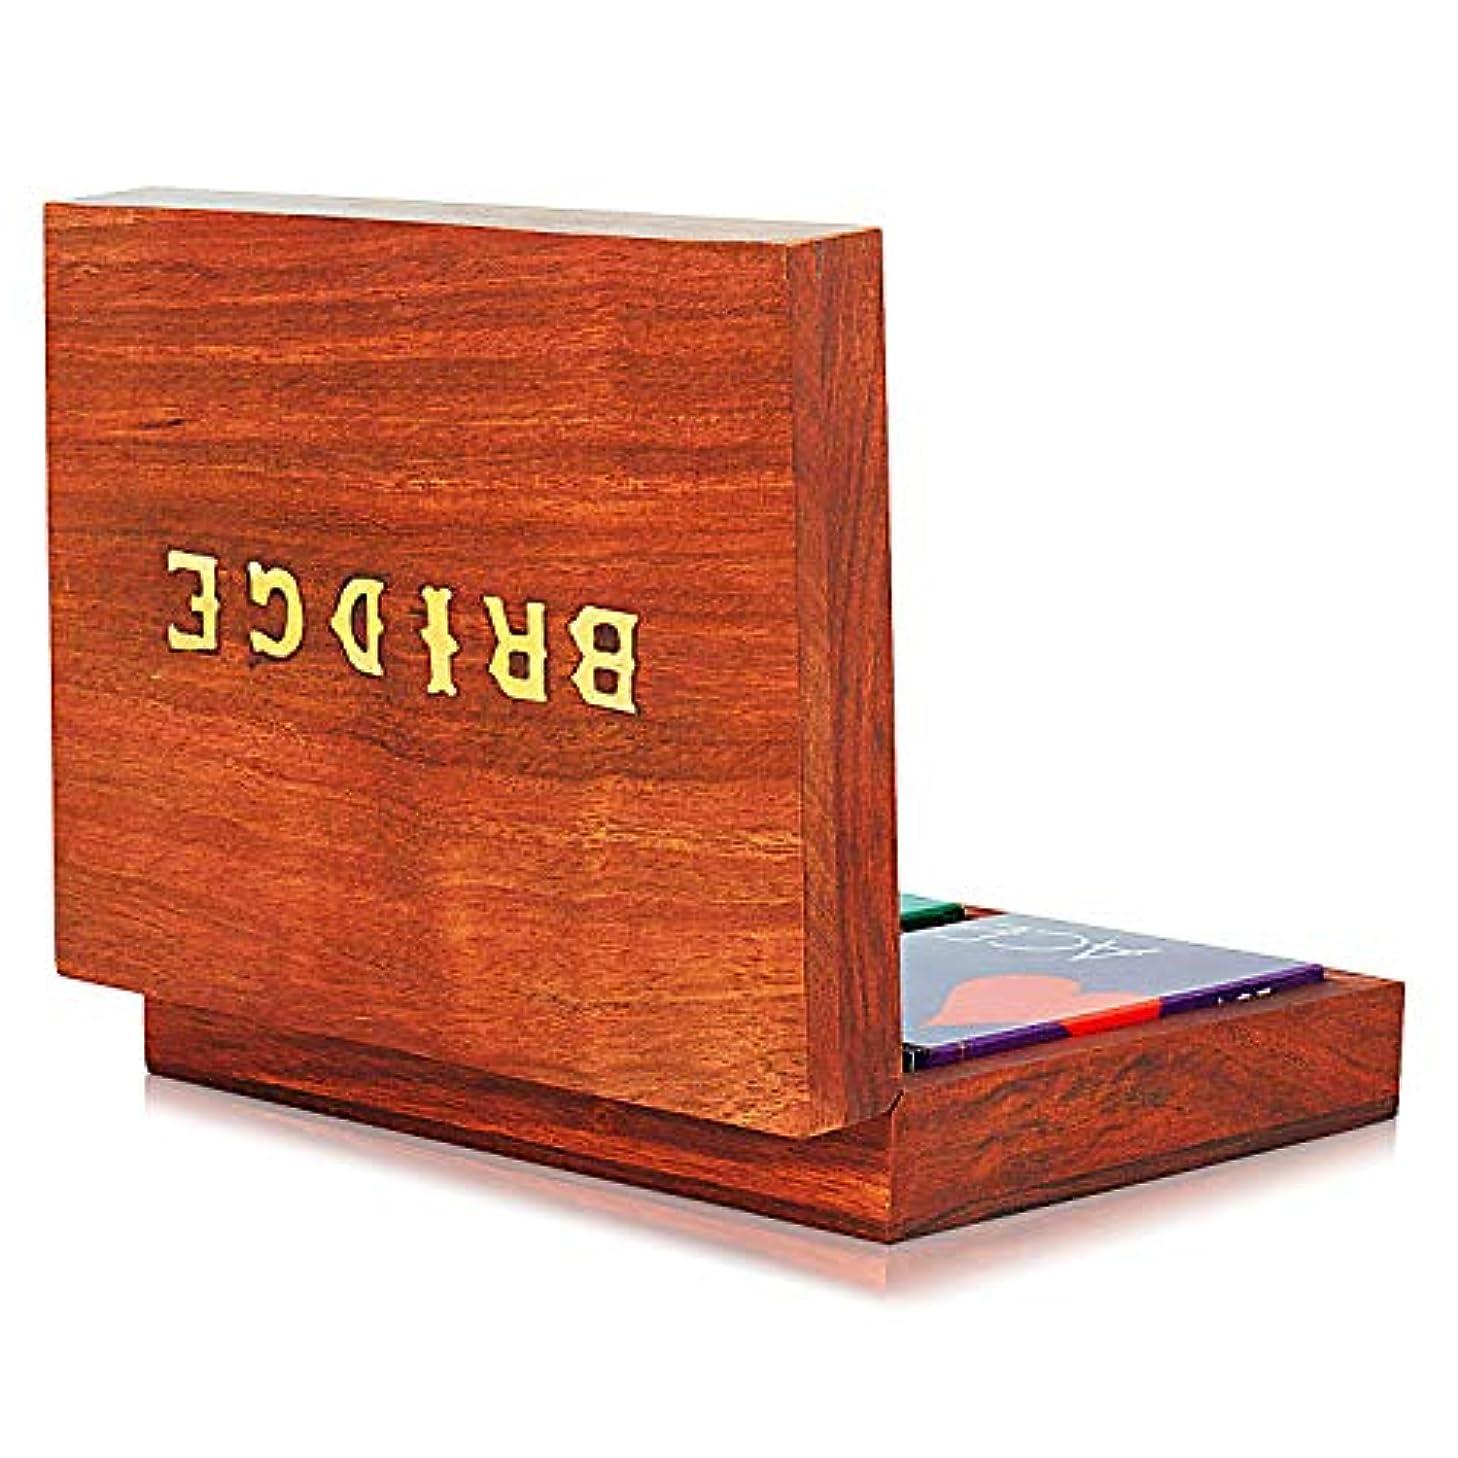 累計石膏アクセシブルThe Great Indian Bazaar 手作り木製ブリッジトランプ ホルダー デッキボックス 収納ケース オーガナイザー 2セット 高品質 「Ace」トランプ 記念日 新築祝い ギフト 彼氏 彼女